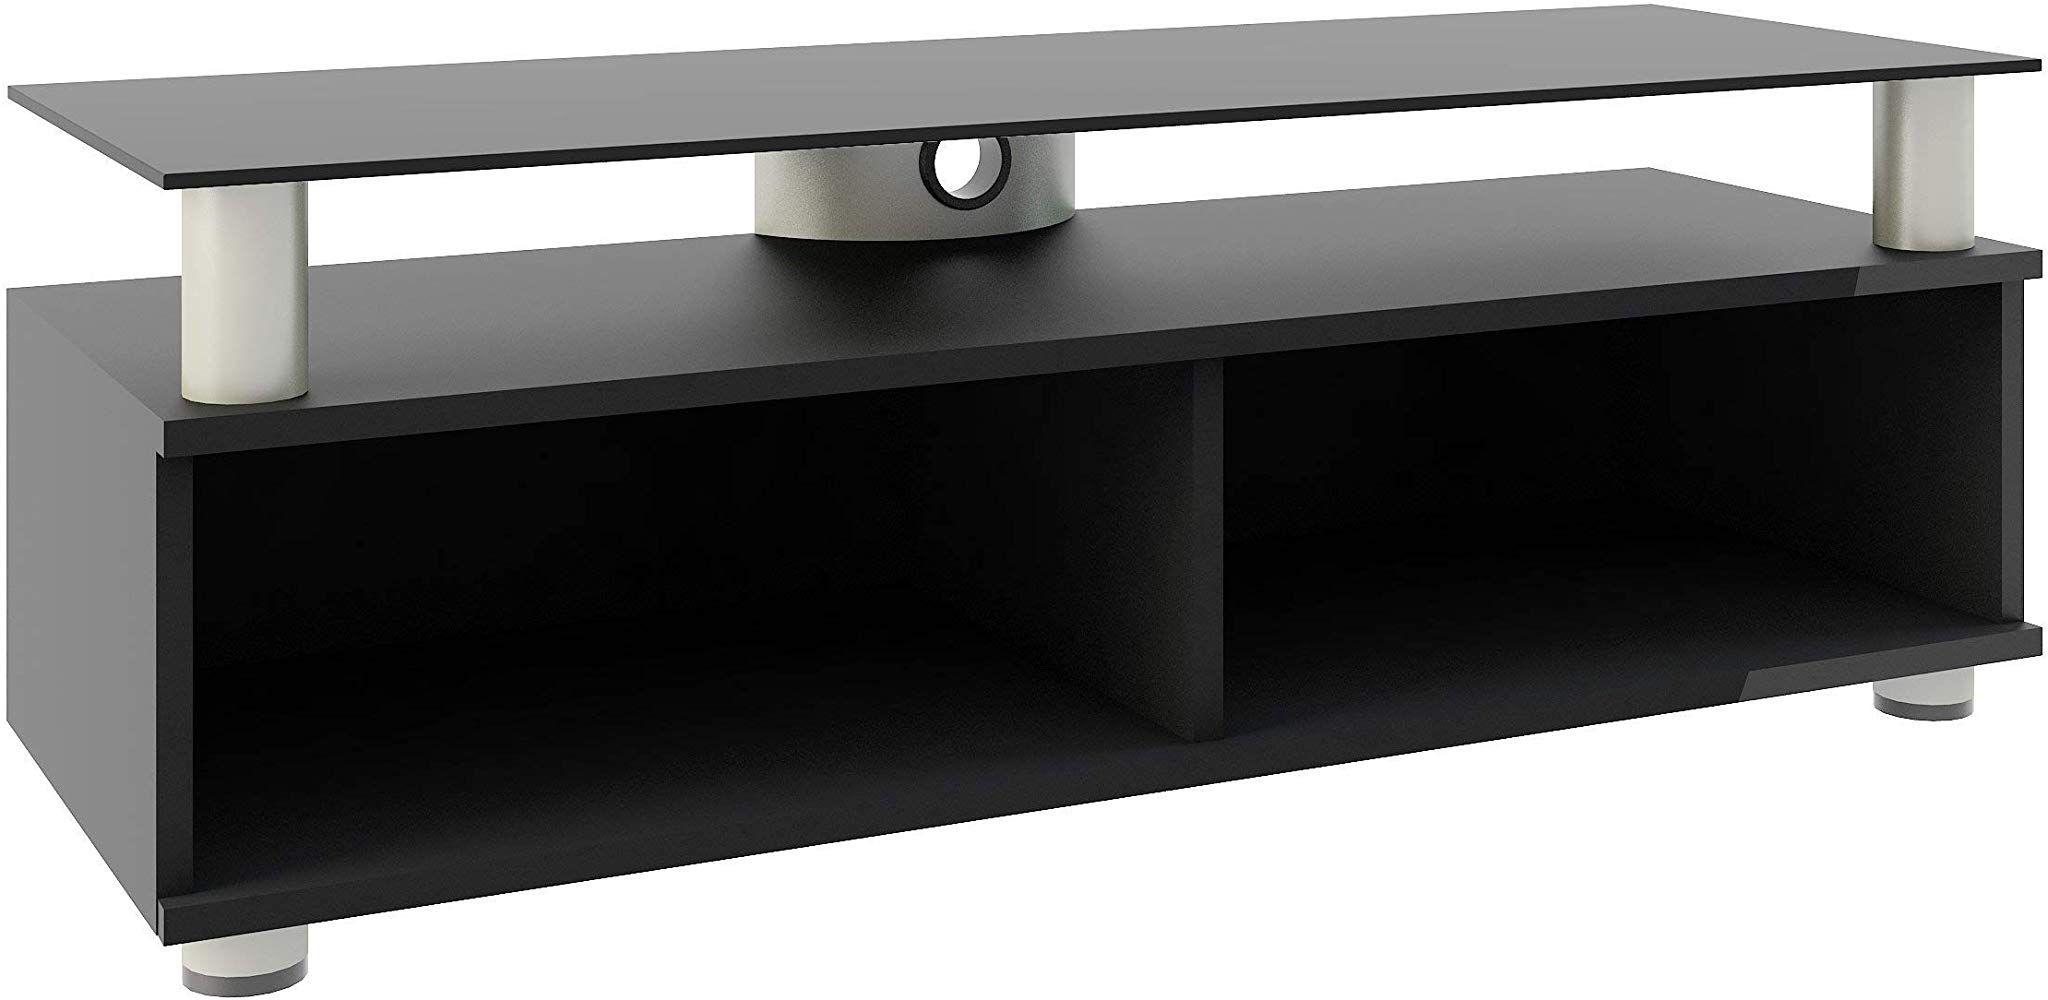 Vcm Tv Lowboard Schrank Tisch Rack Fernsehschrank Fernsehtisch